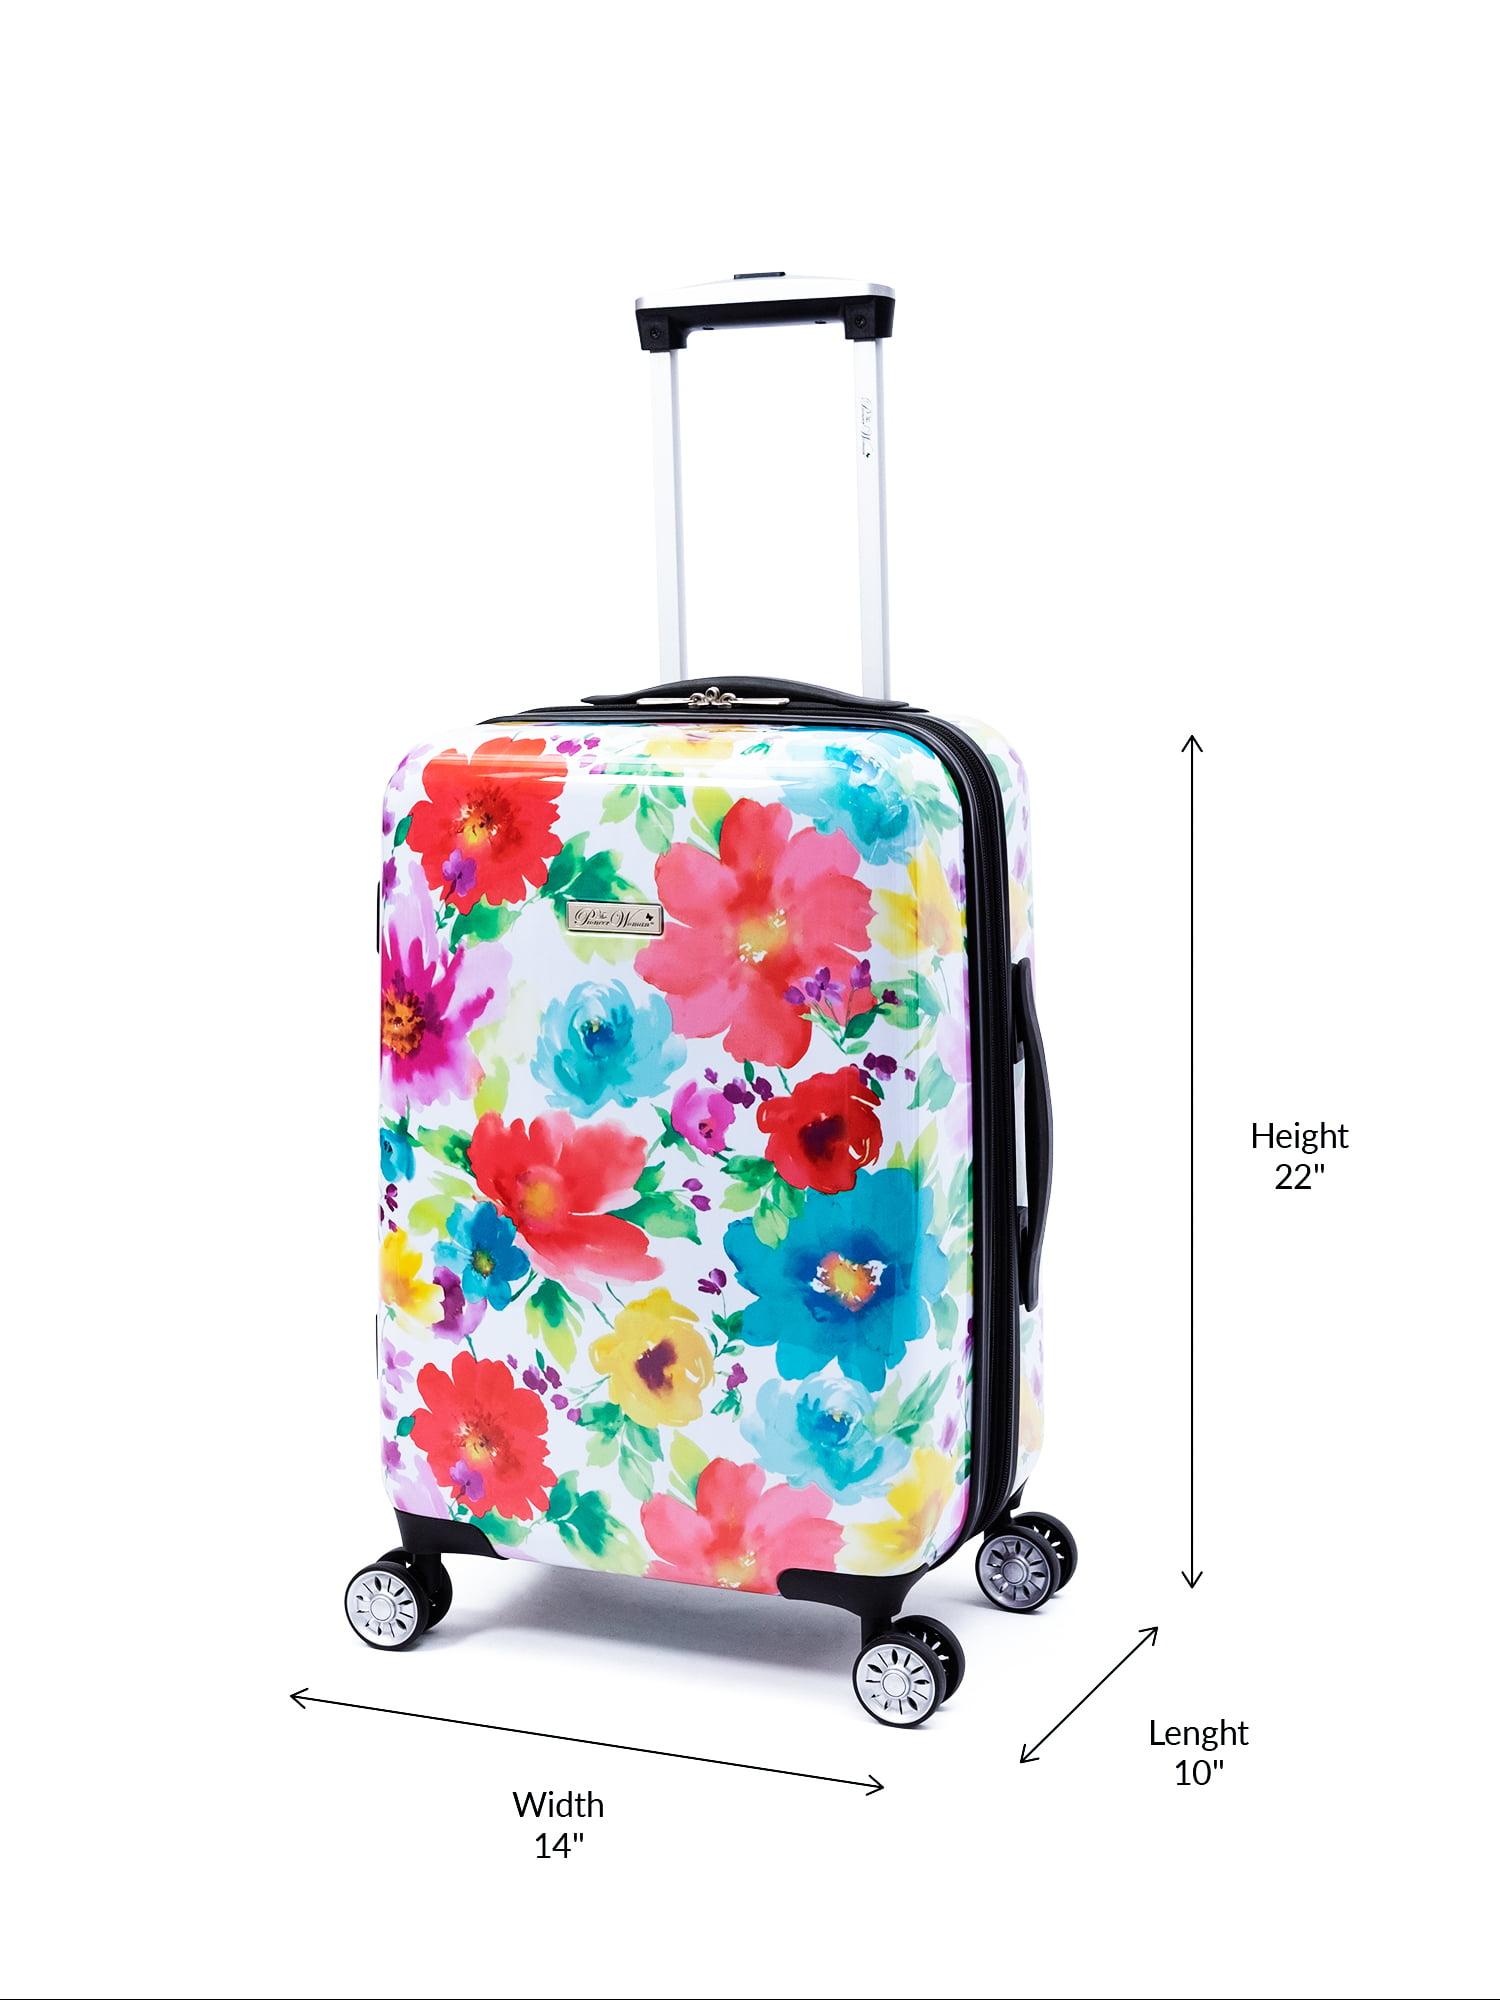 Portable Luggage Duffel Bag Swedish Folk Art Travel Bags Carry-on In Trolley Handle